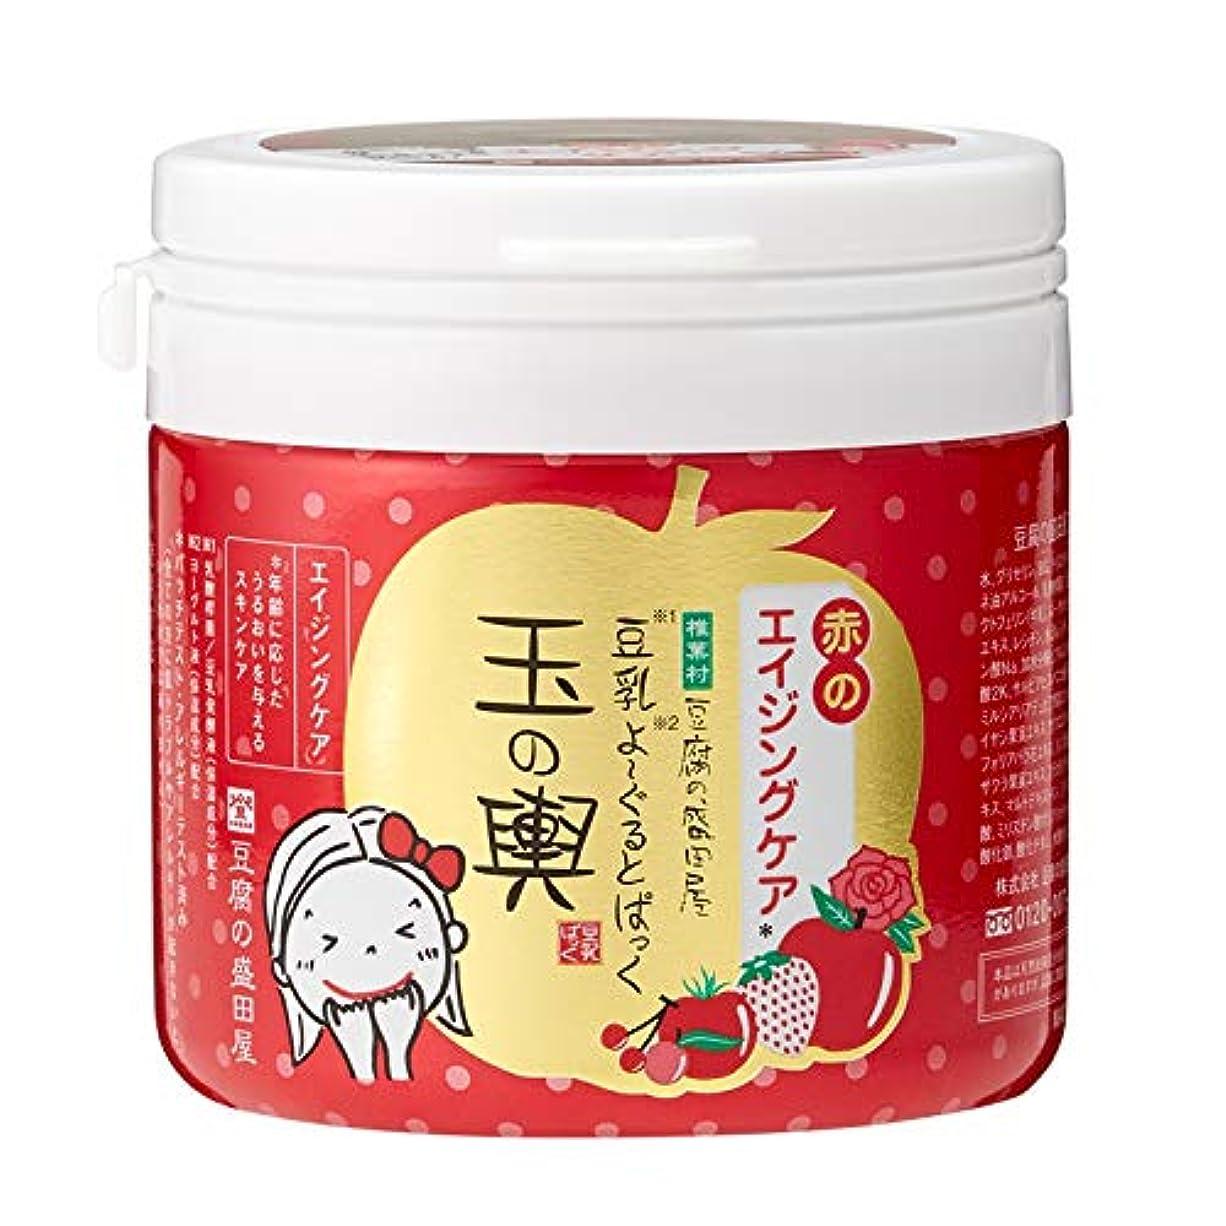 ファイル湖世界的に豆腐の盛田屋 豆乳よーぐるとぱっく 玉の輿 赤のエイジングケア 150g